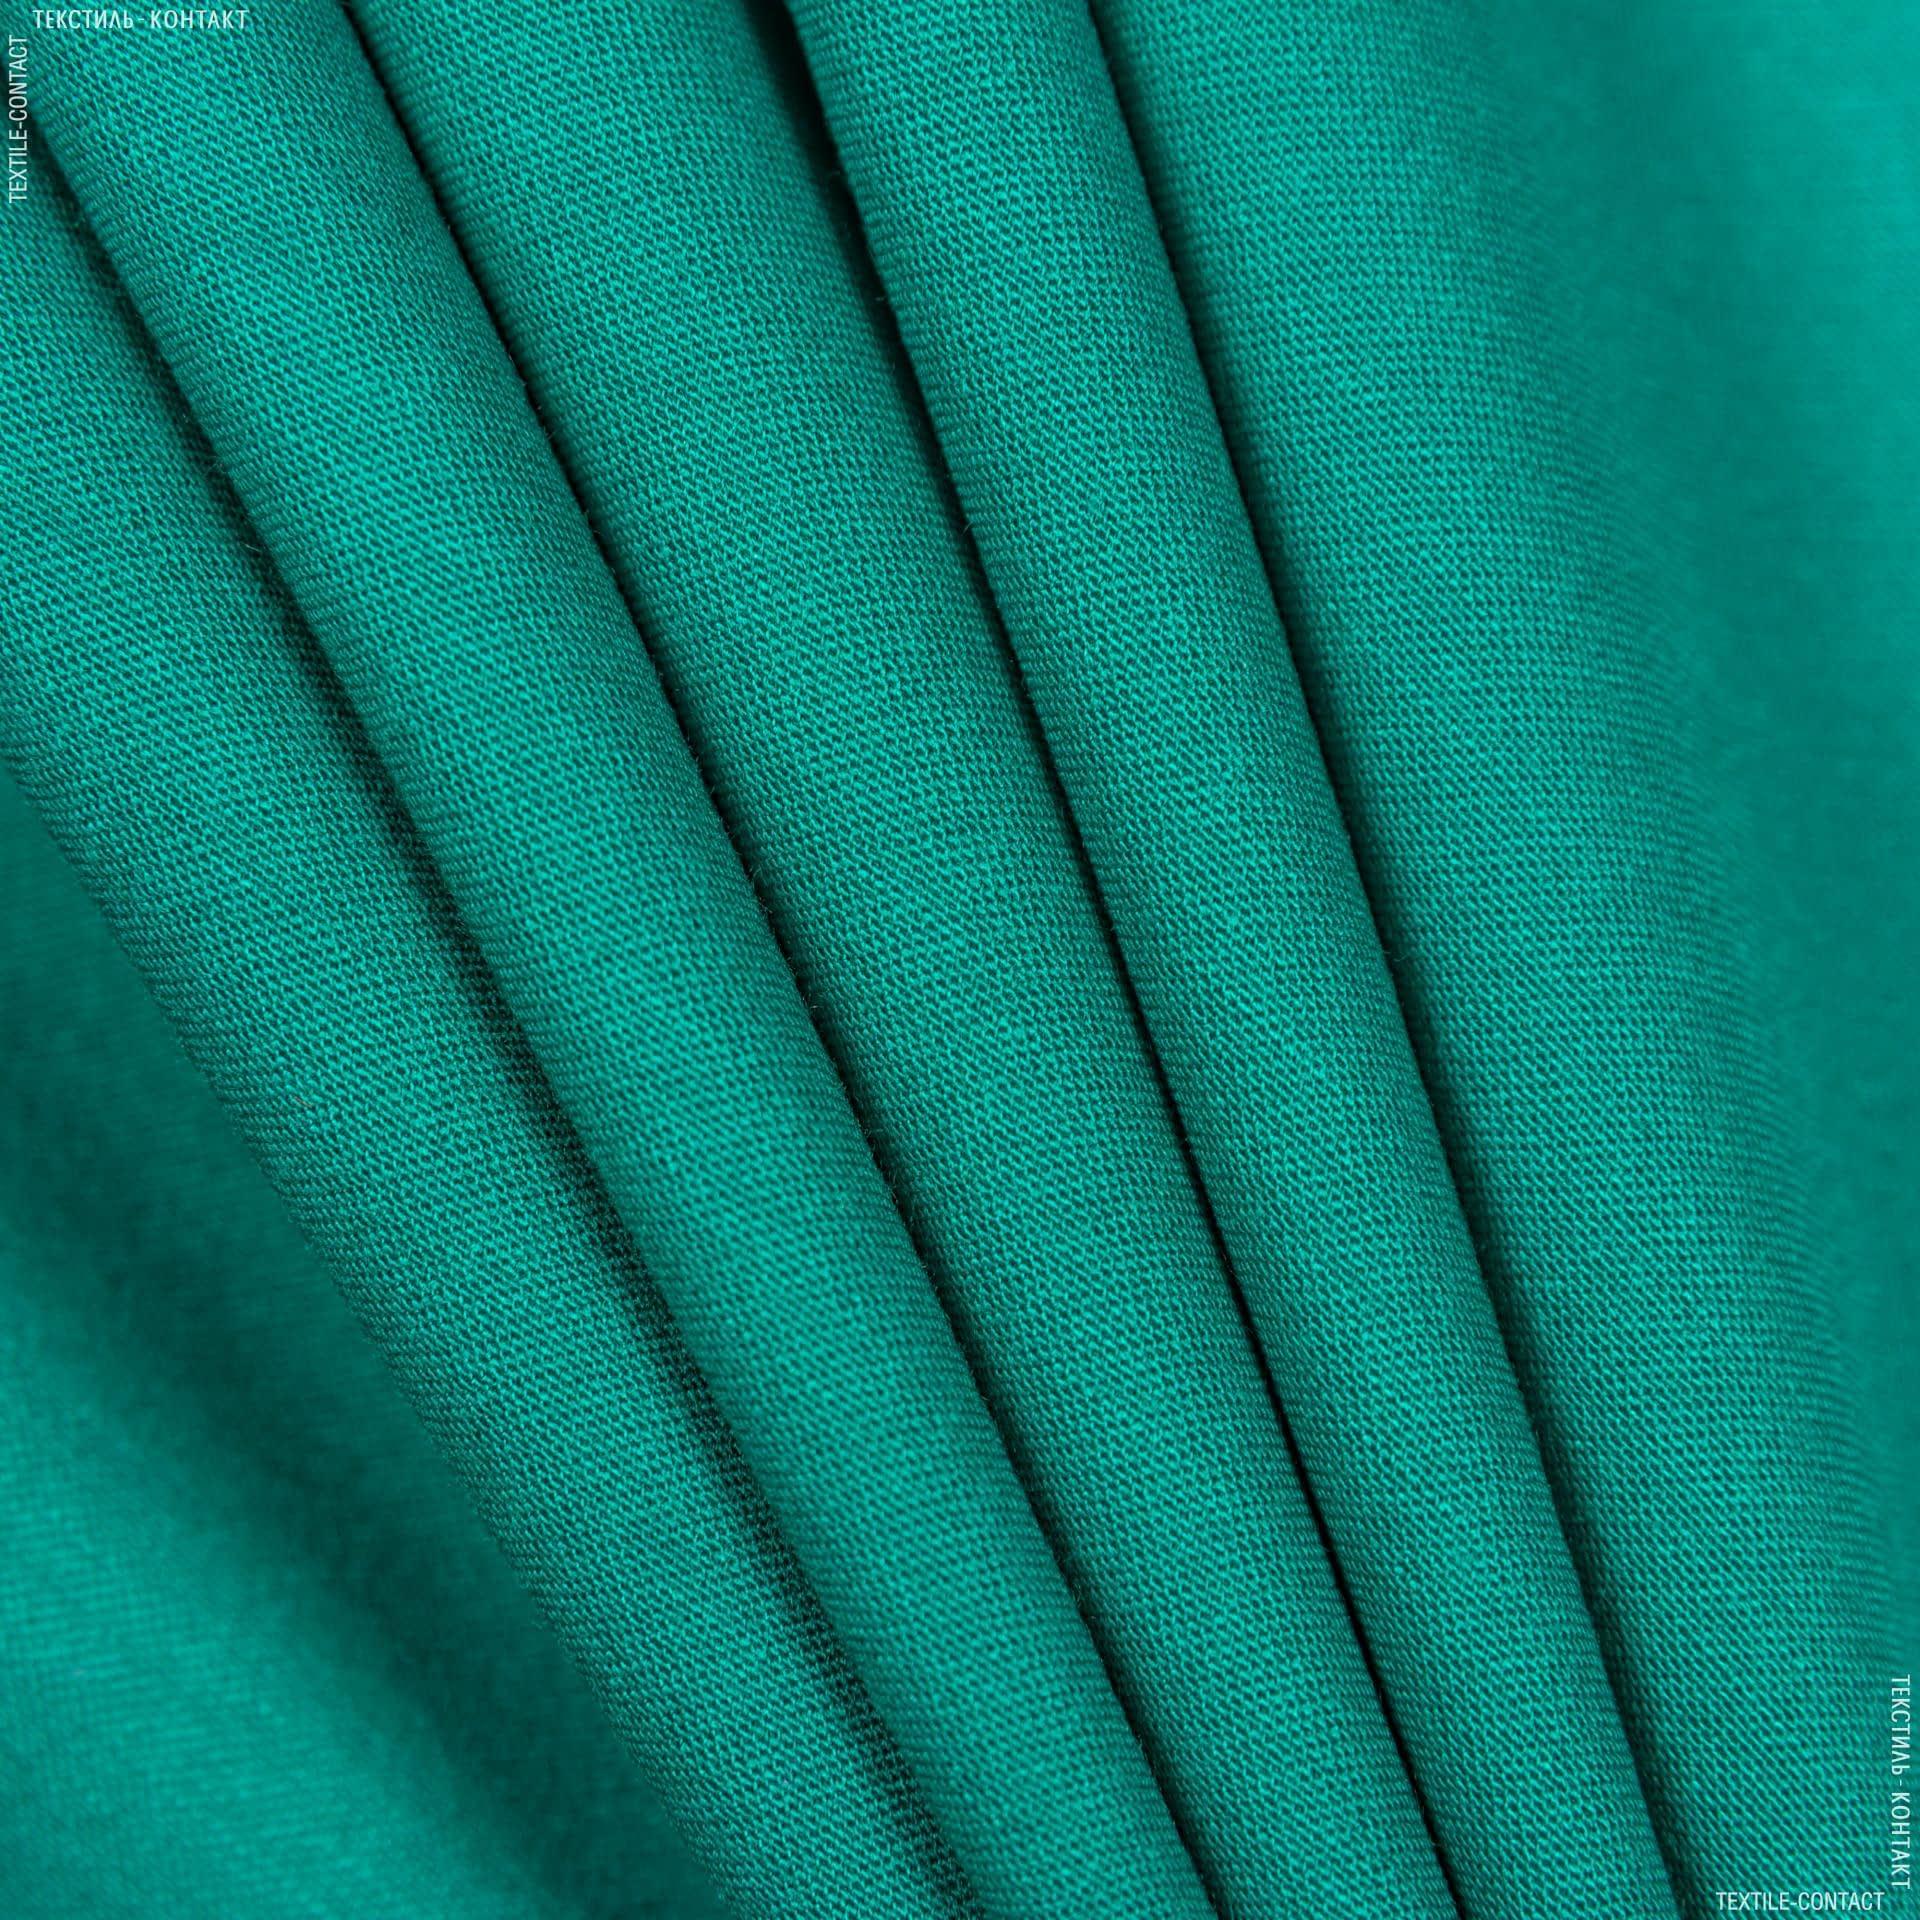 Тканини для костюмів - Костюмний сатин віскозний смарагдовий